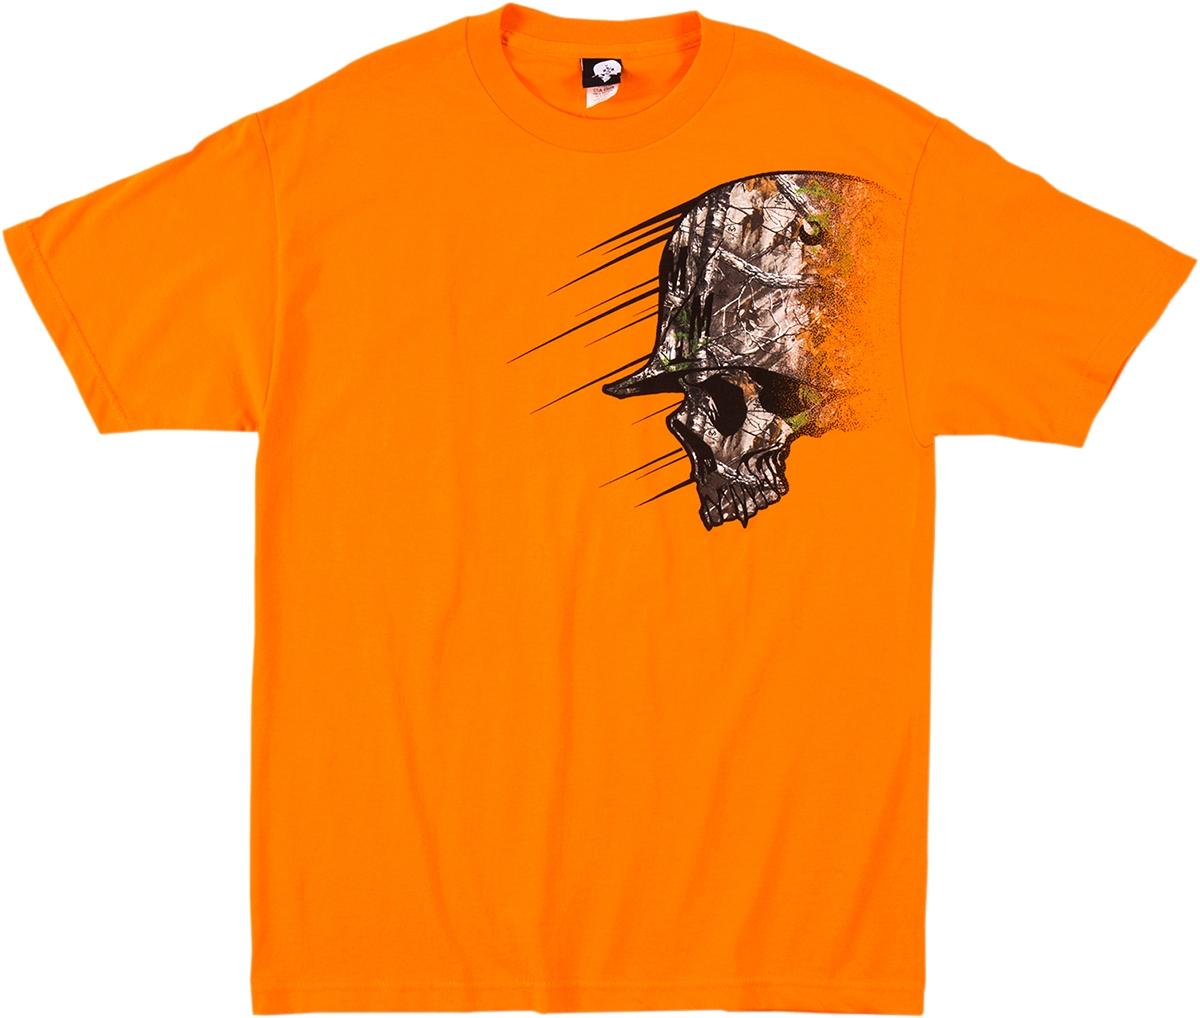 Covert T Shirt